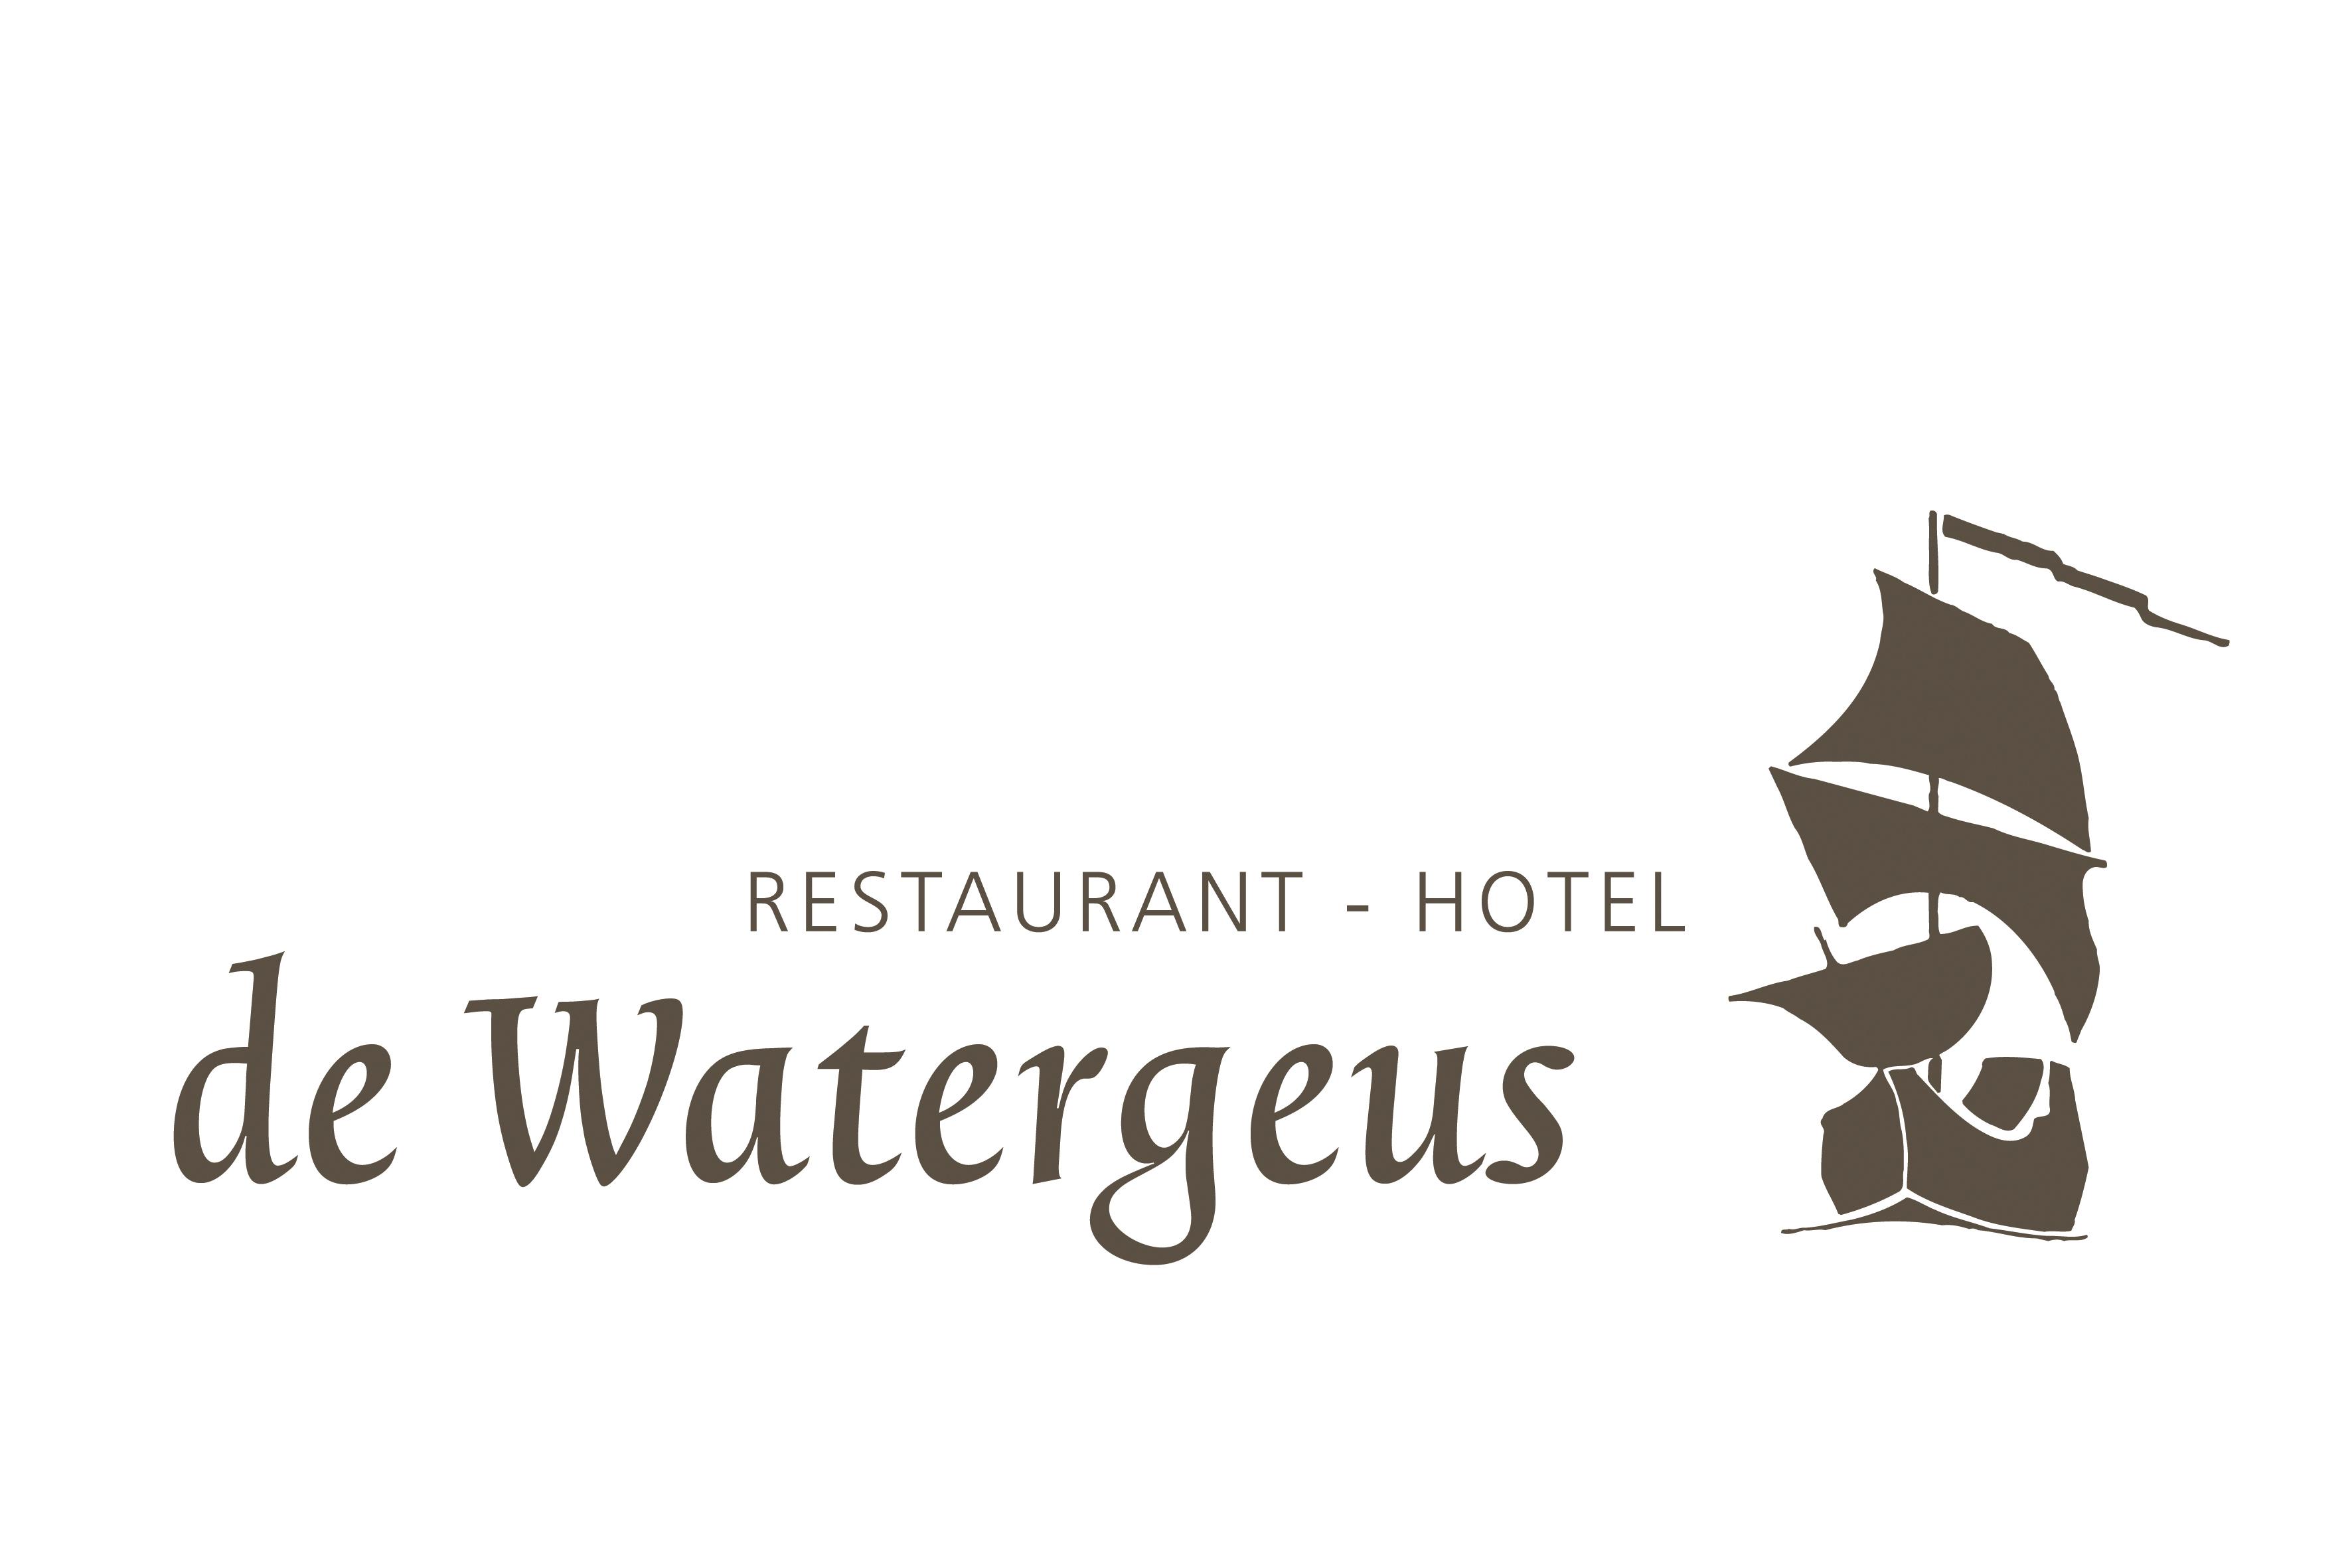 De Watergeus Logo